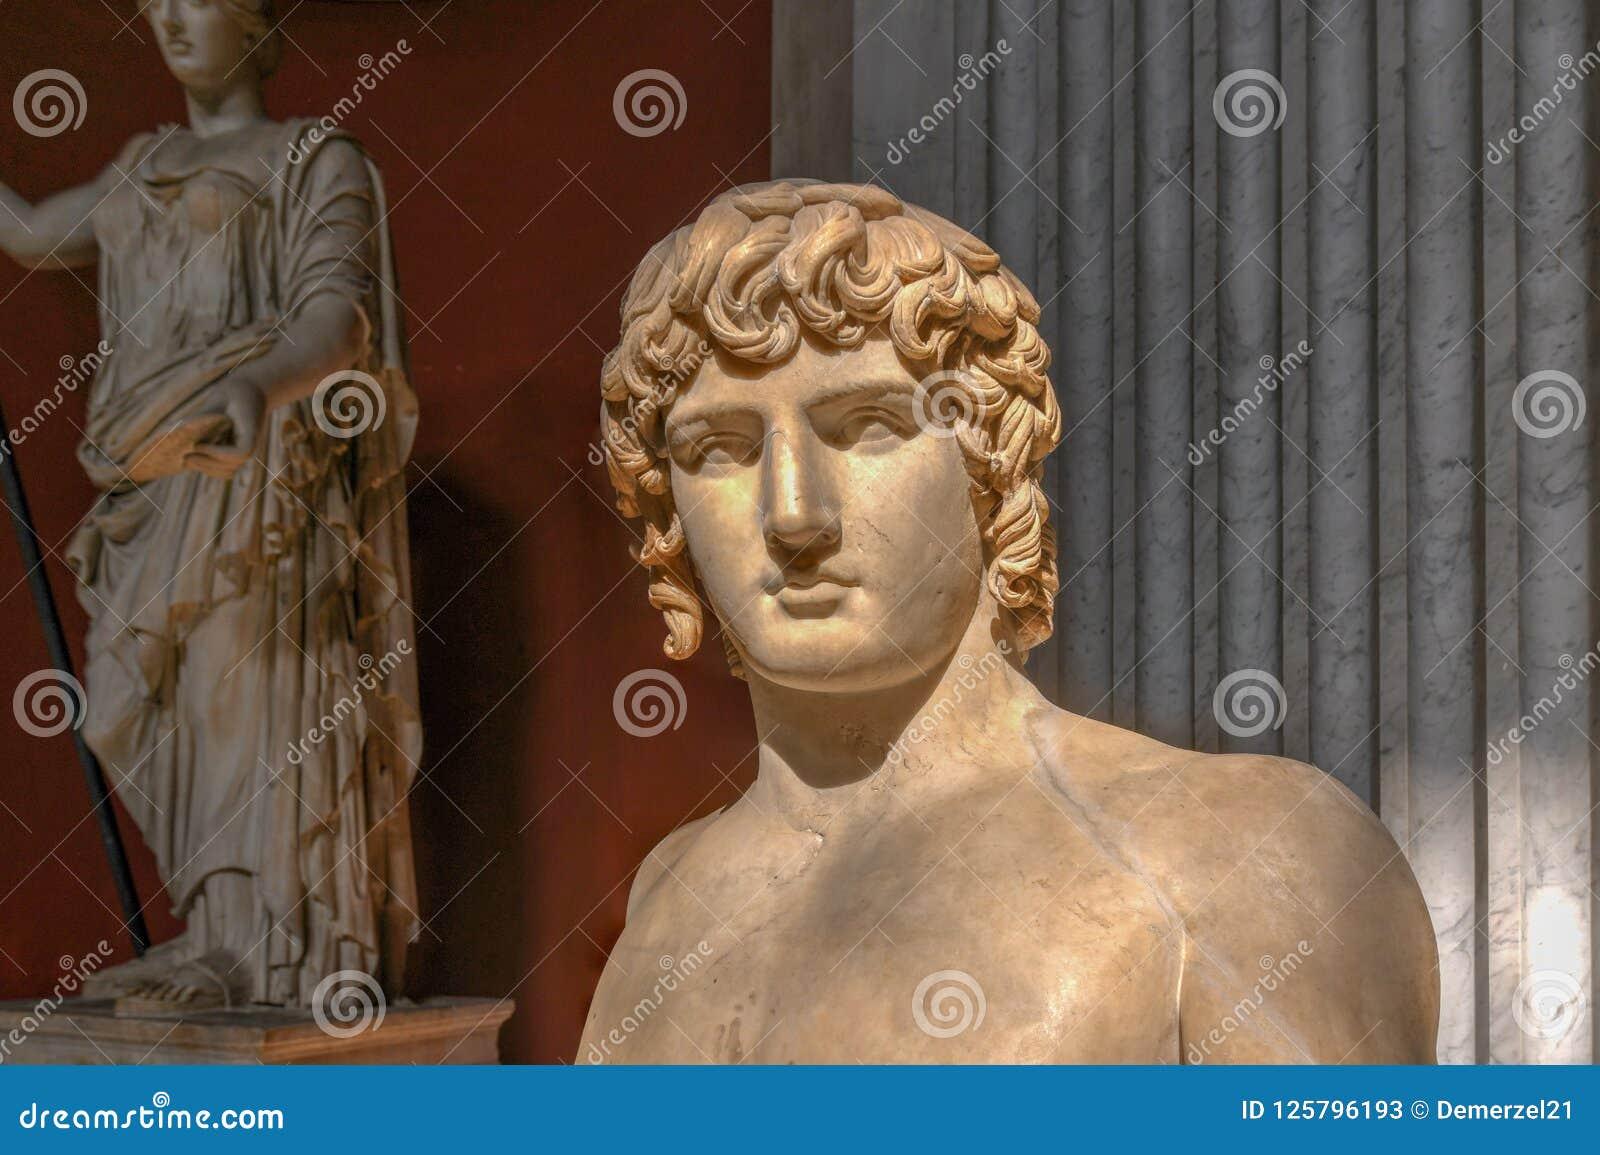 Museo del Vaticano - Ciudad del Vaticano